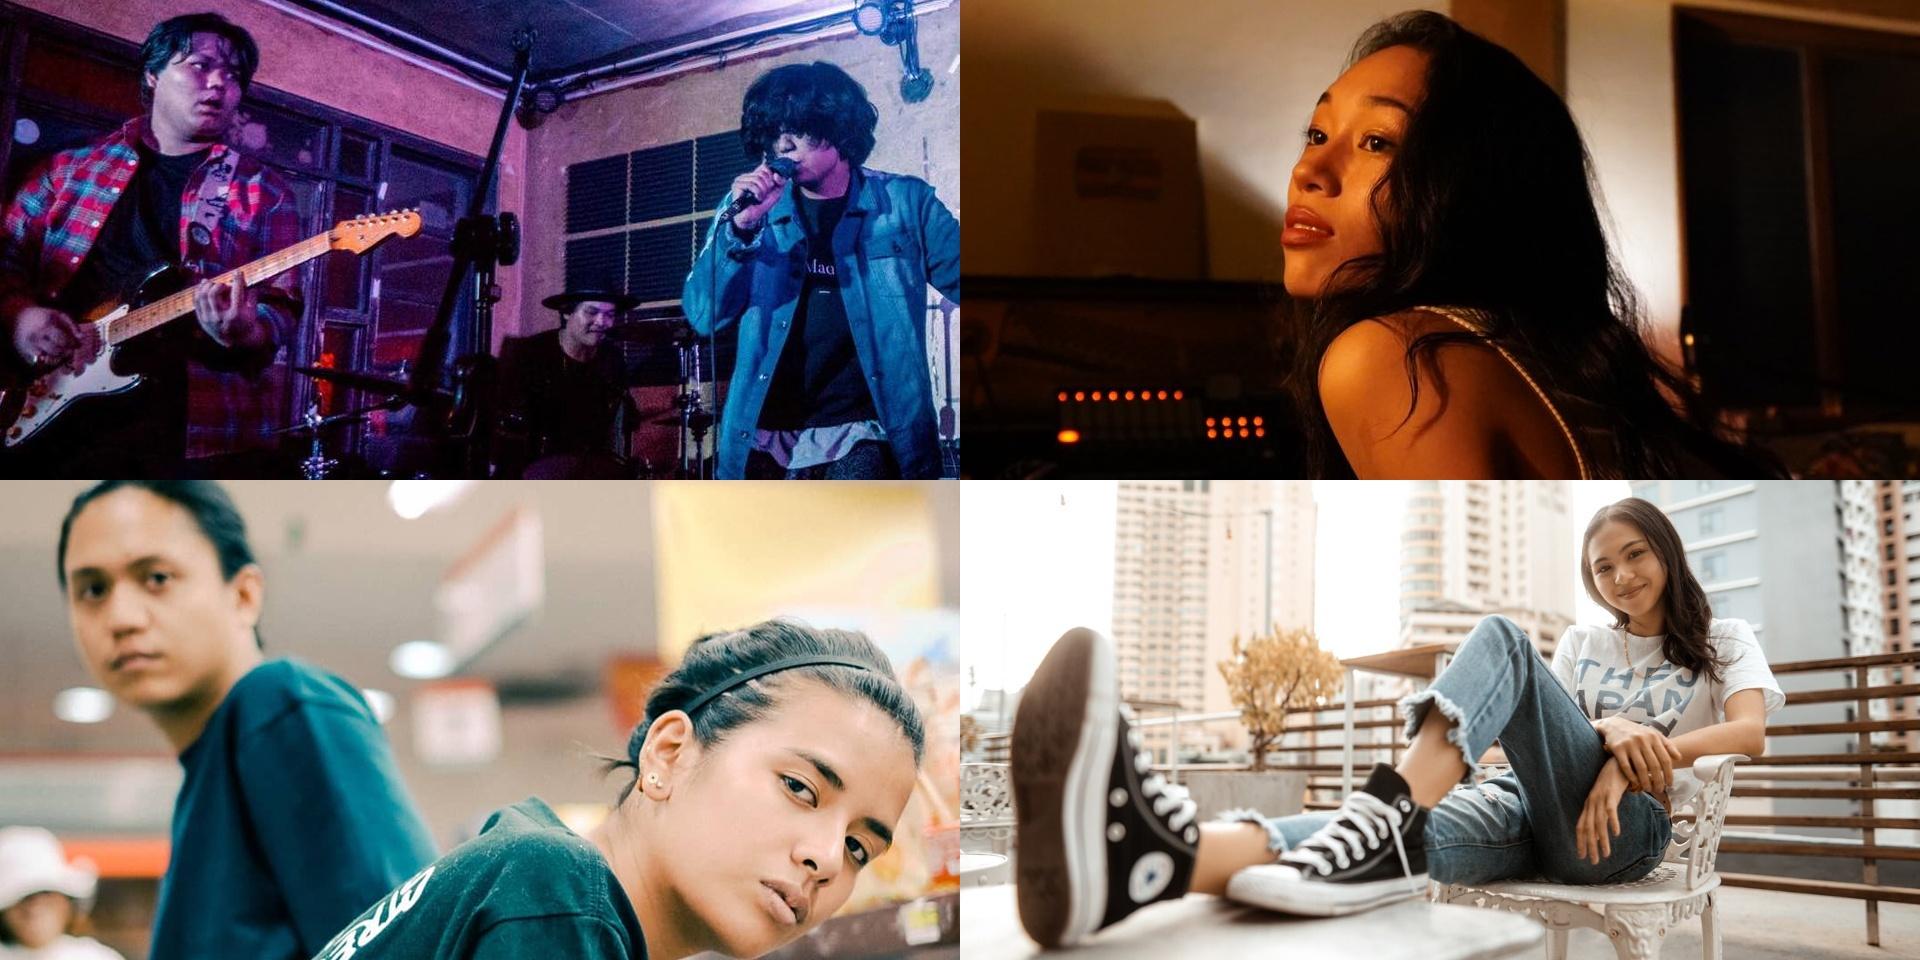 Nobody's Home, ((( O ))), Dante & Amigo, Clara Benin, and more release new music – listen